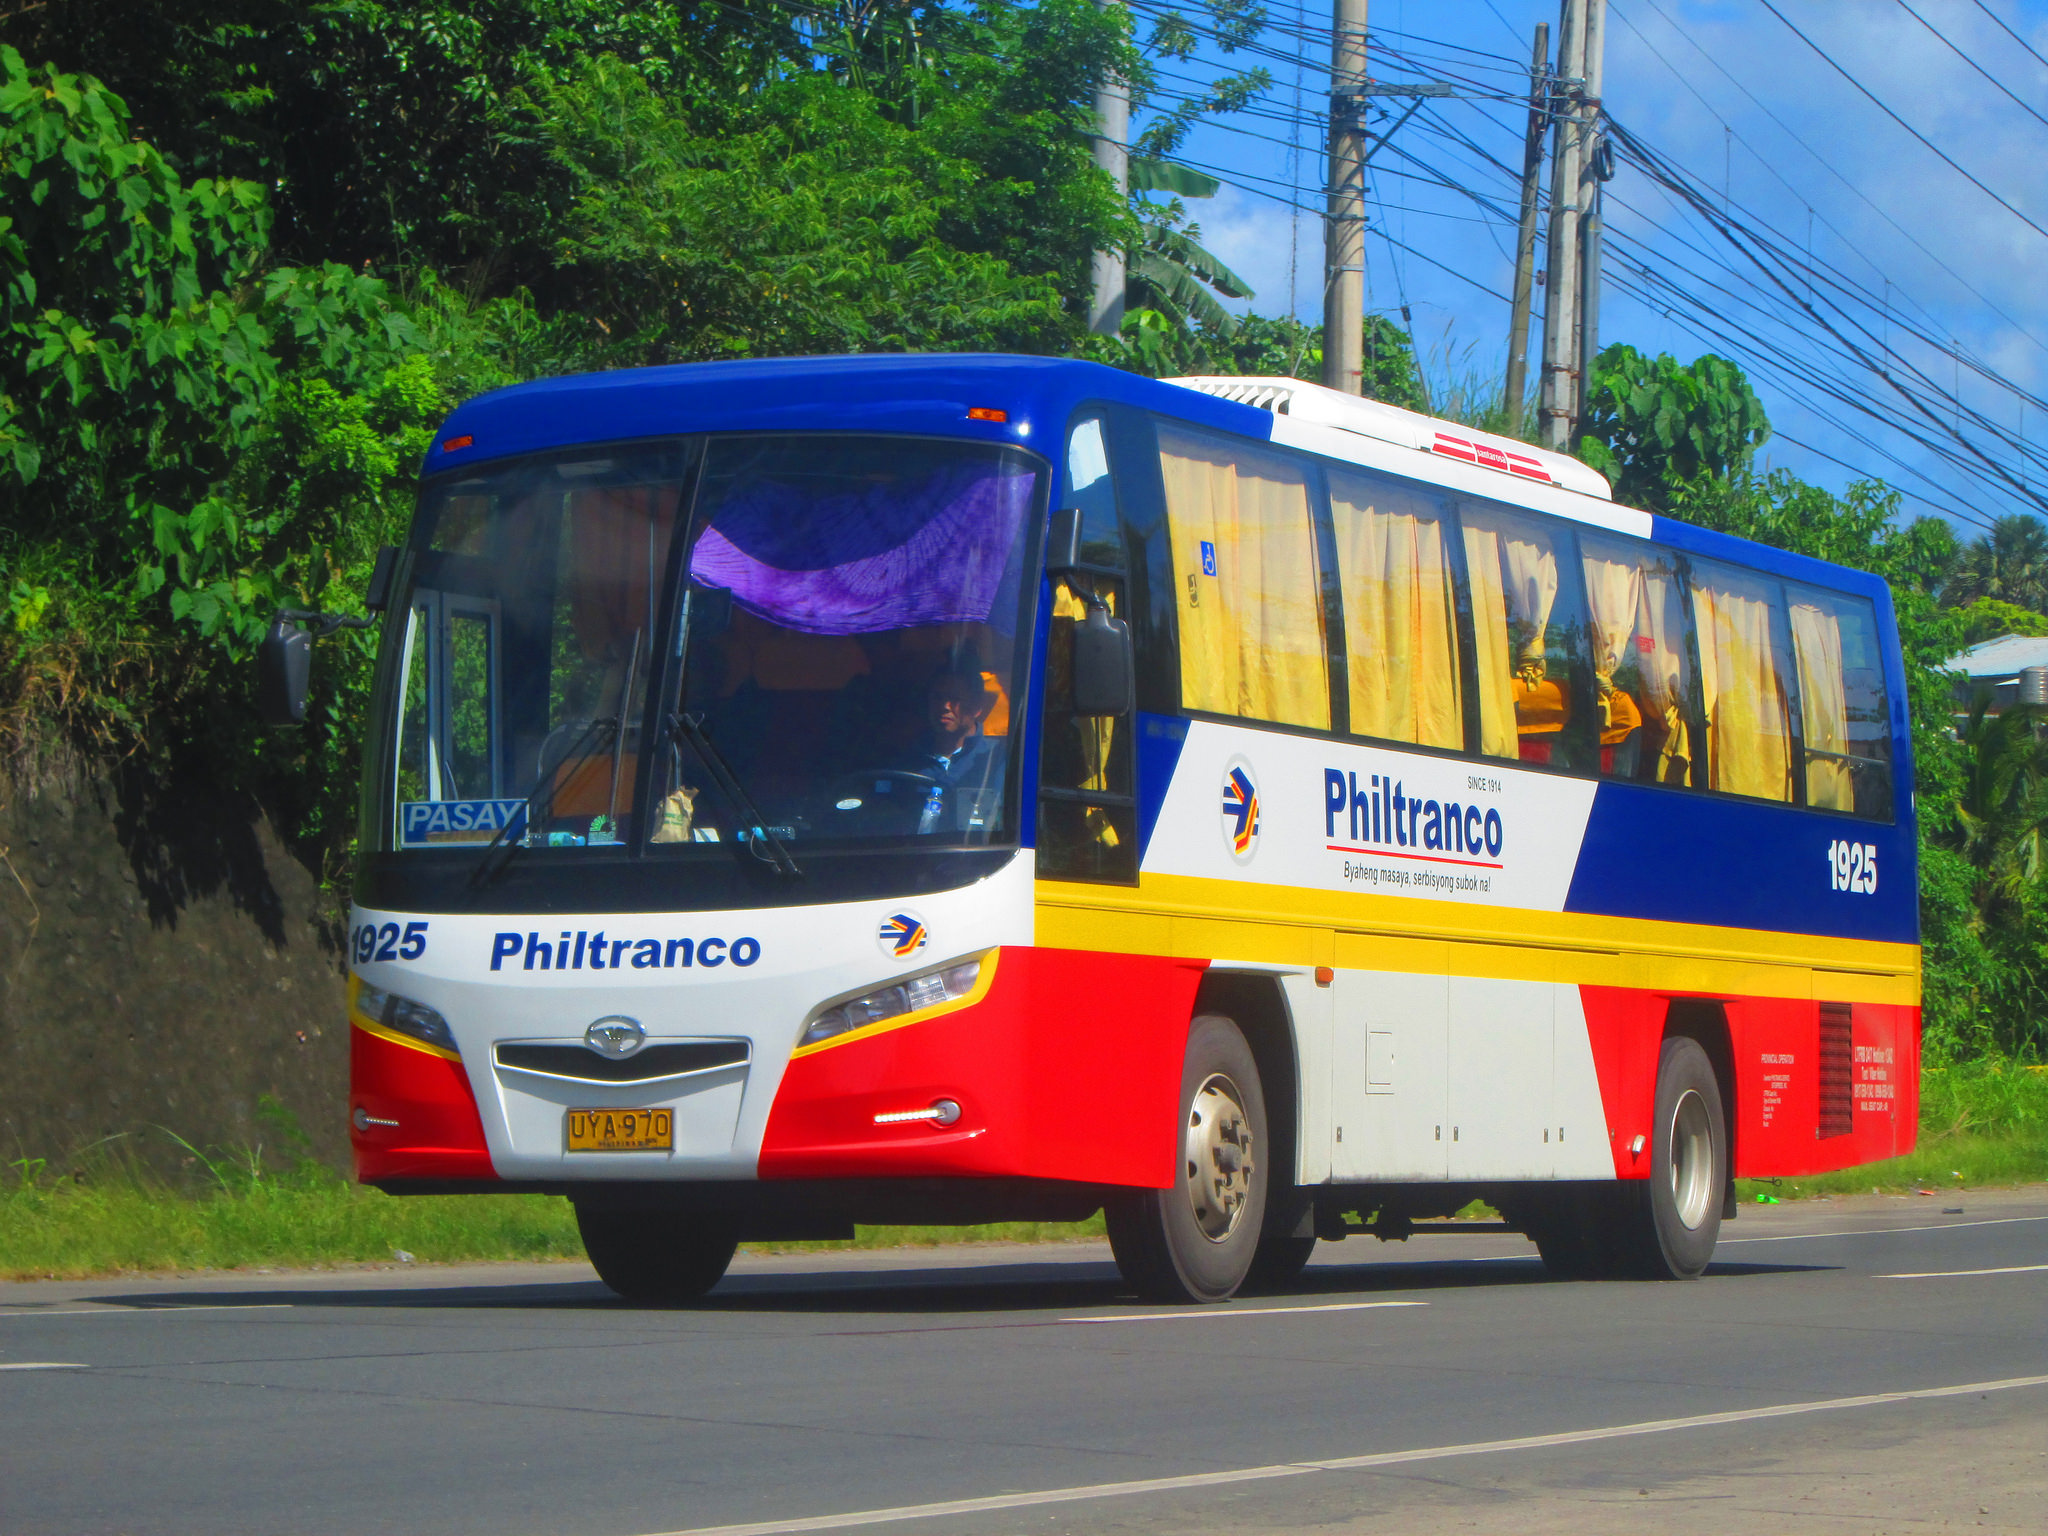 Philtranco Wikipedia